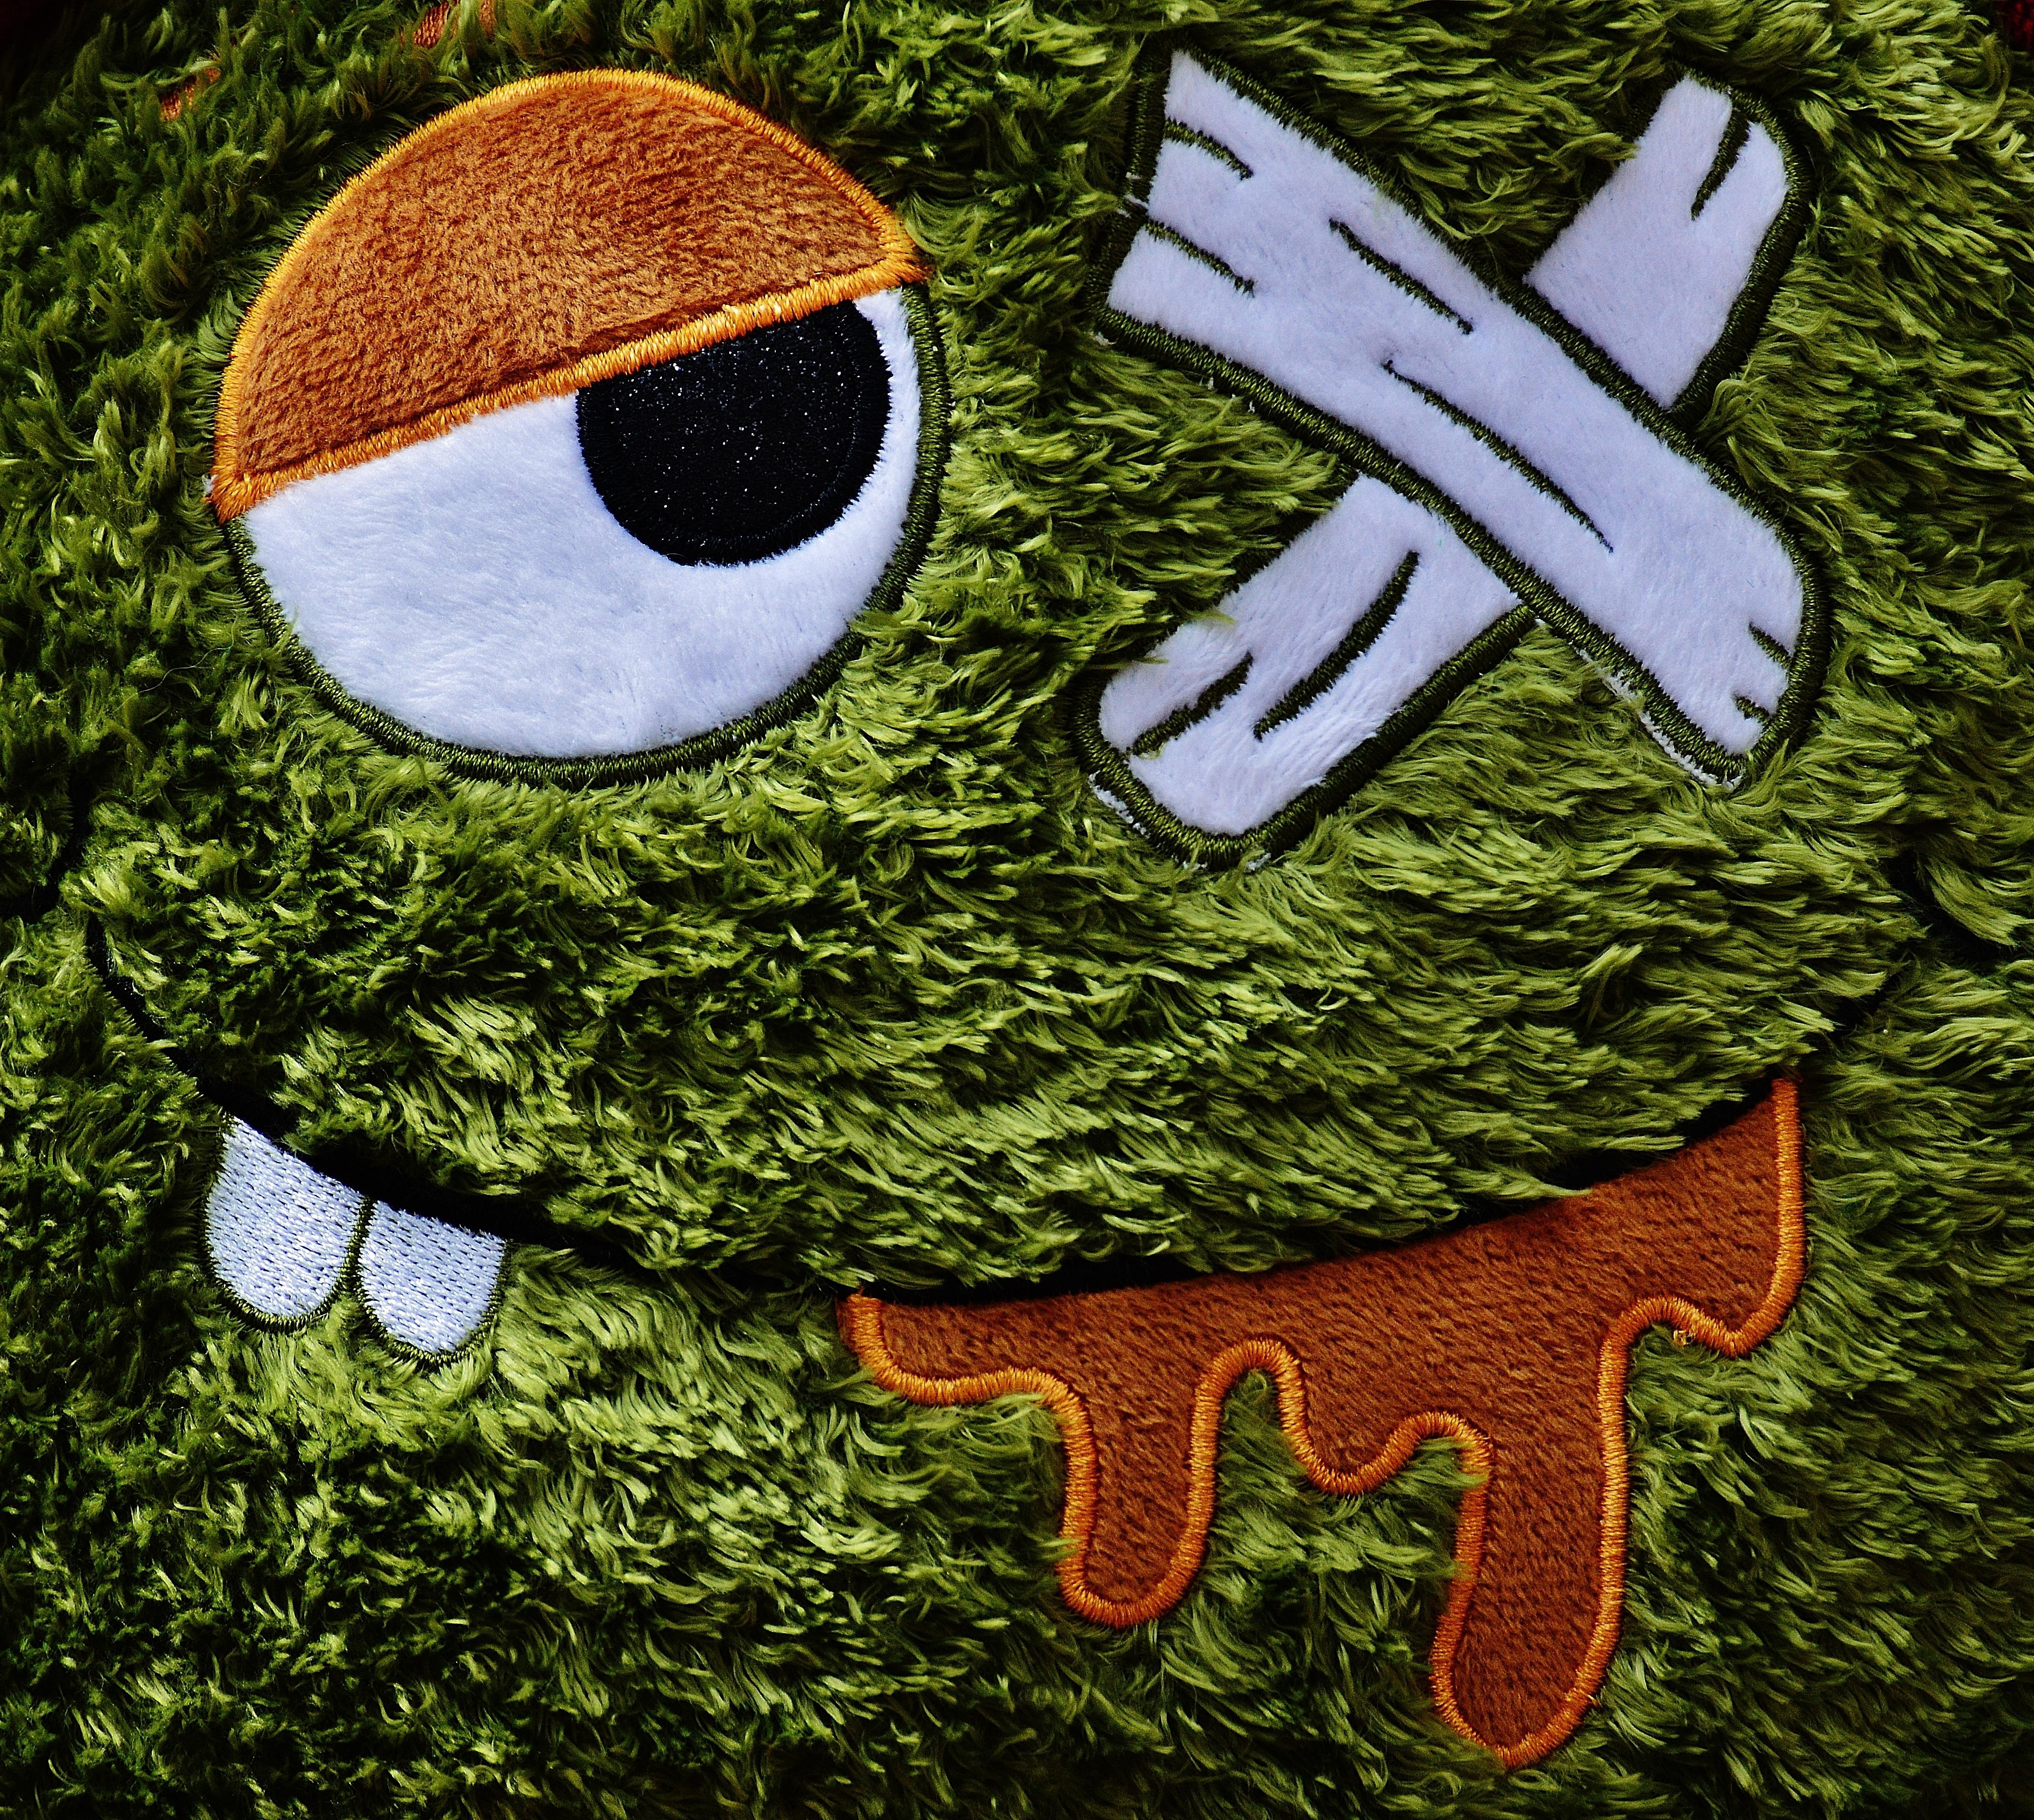 Gambar Rumput Daun Jumlah Hijau Mainan Seni Kesenangan